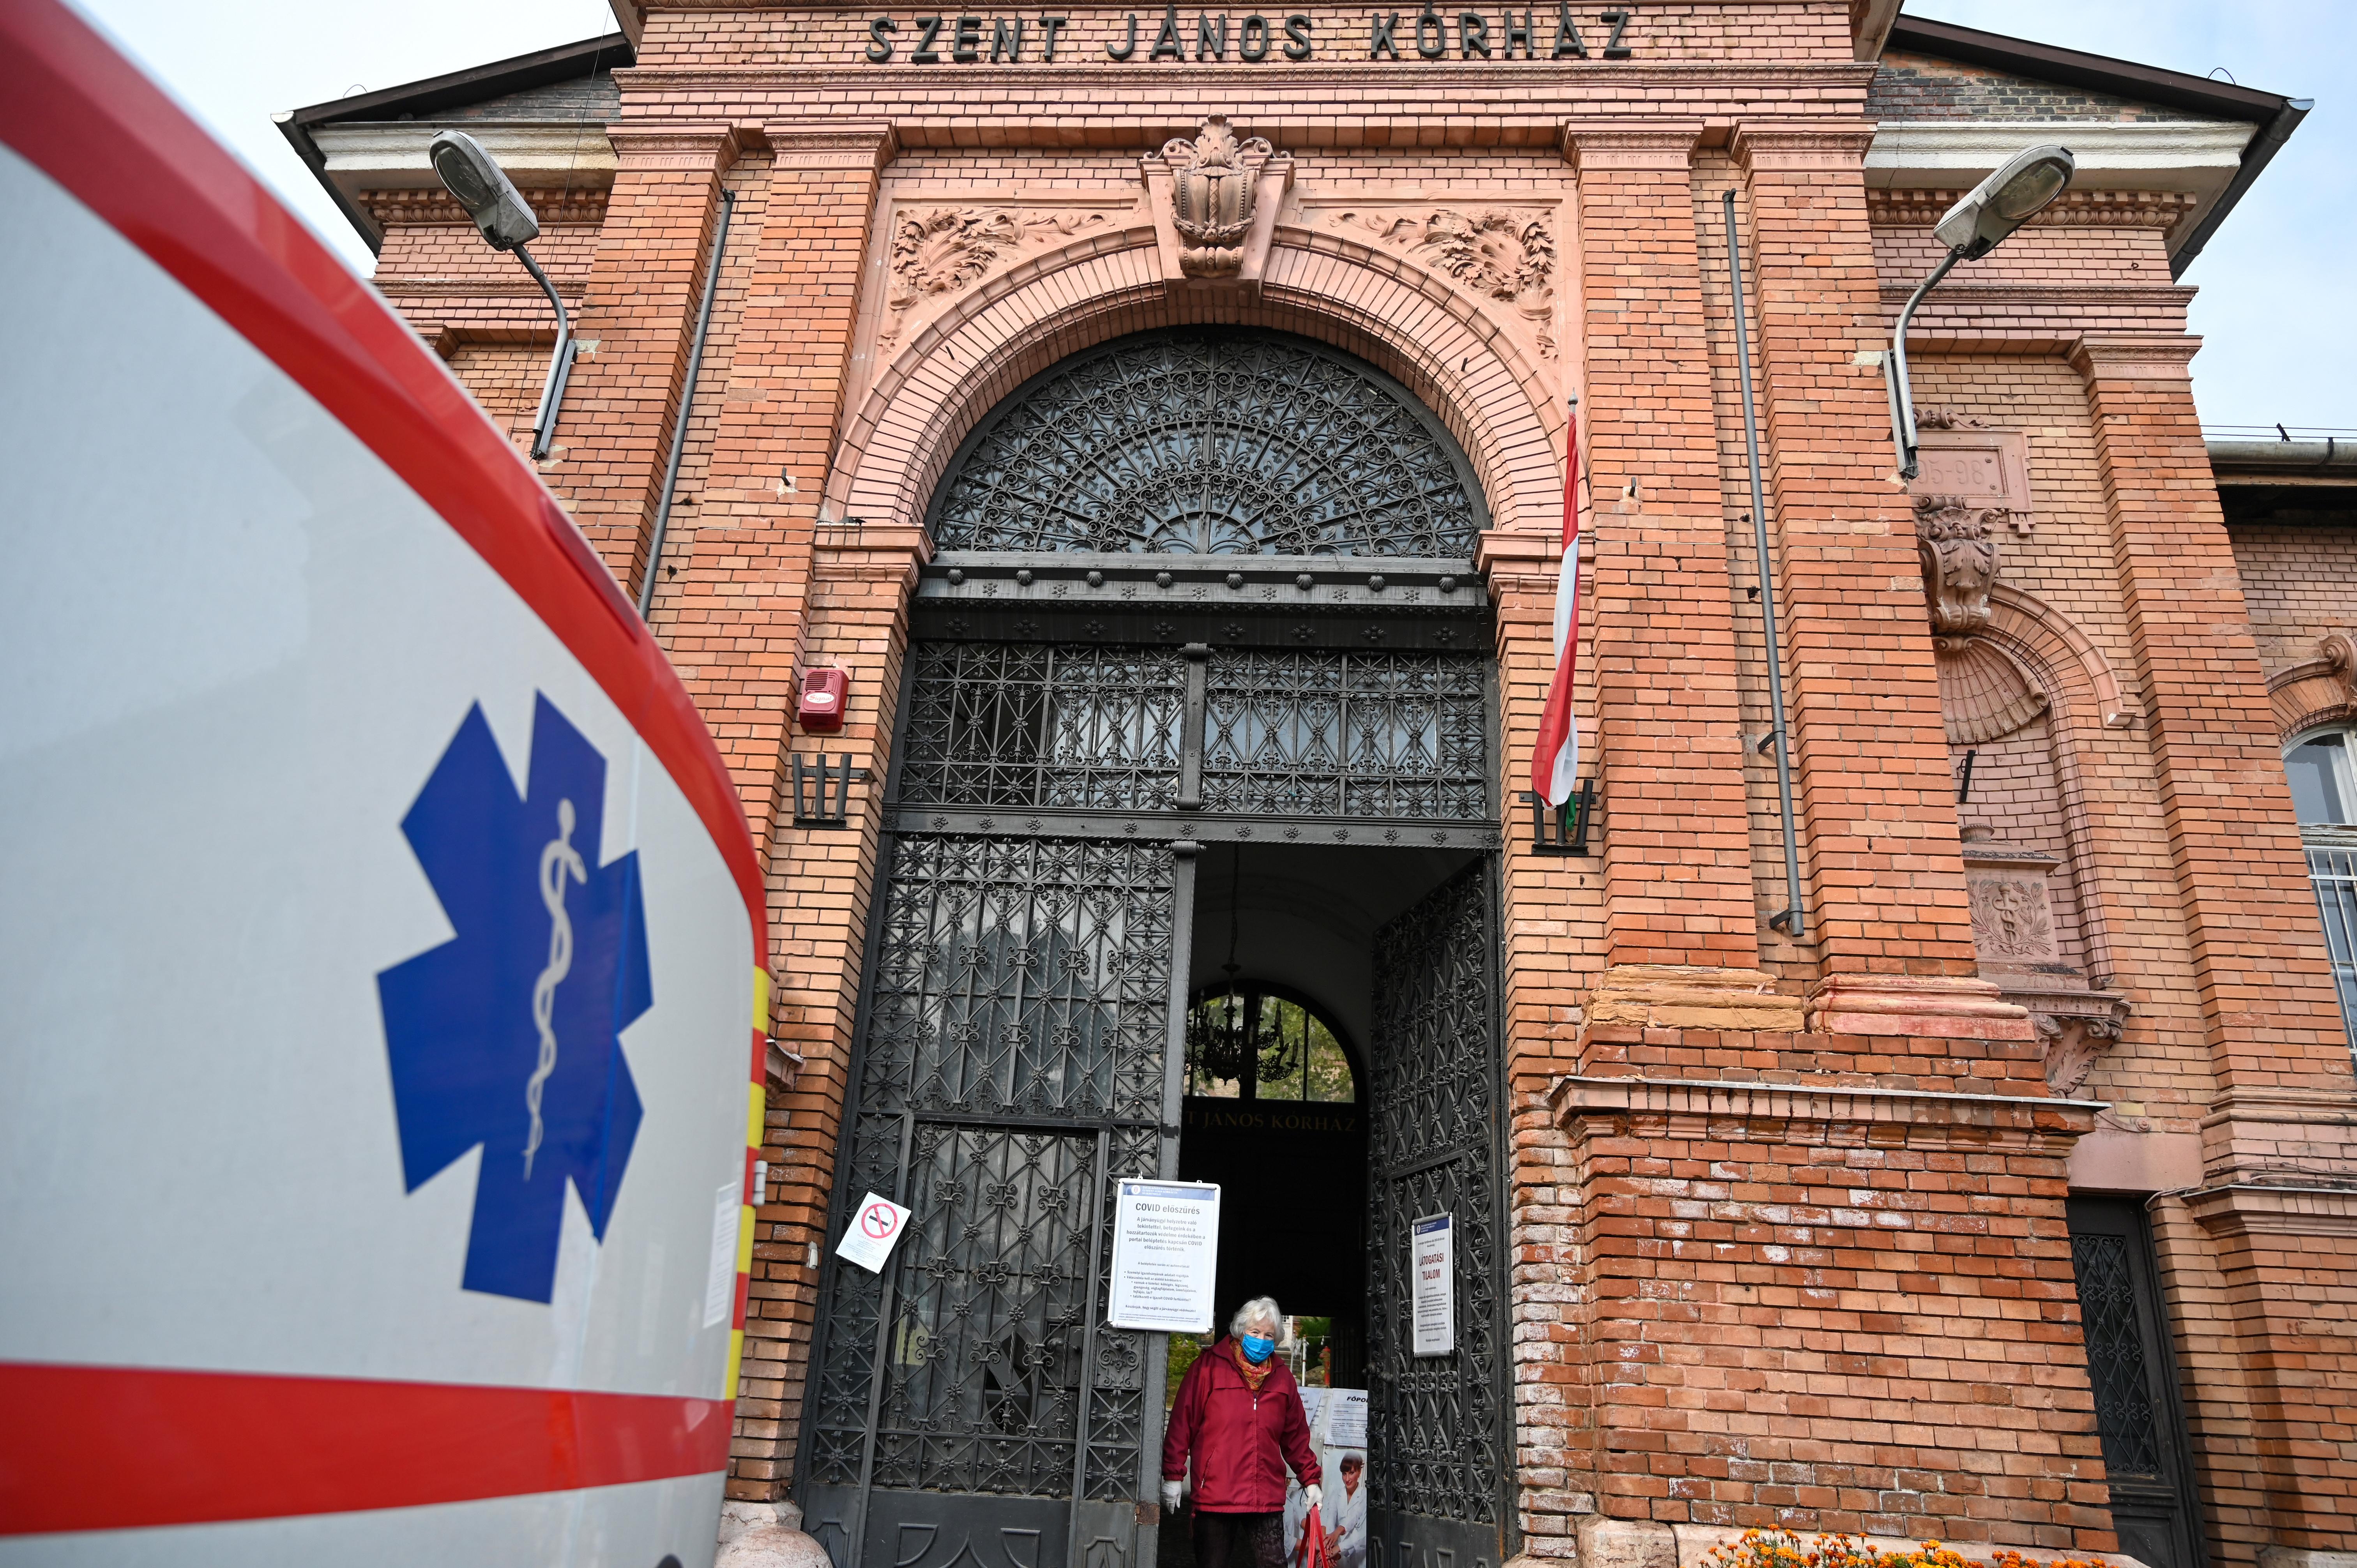 Koronavírus: Országos összehasonlításban sokkal jobban áll Budapest, mint tavasszal